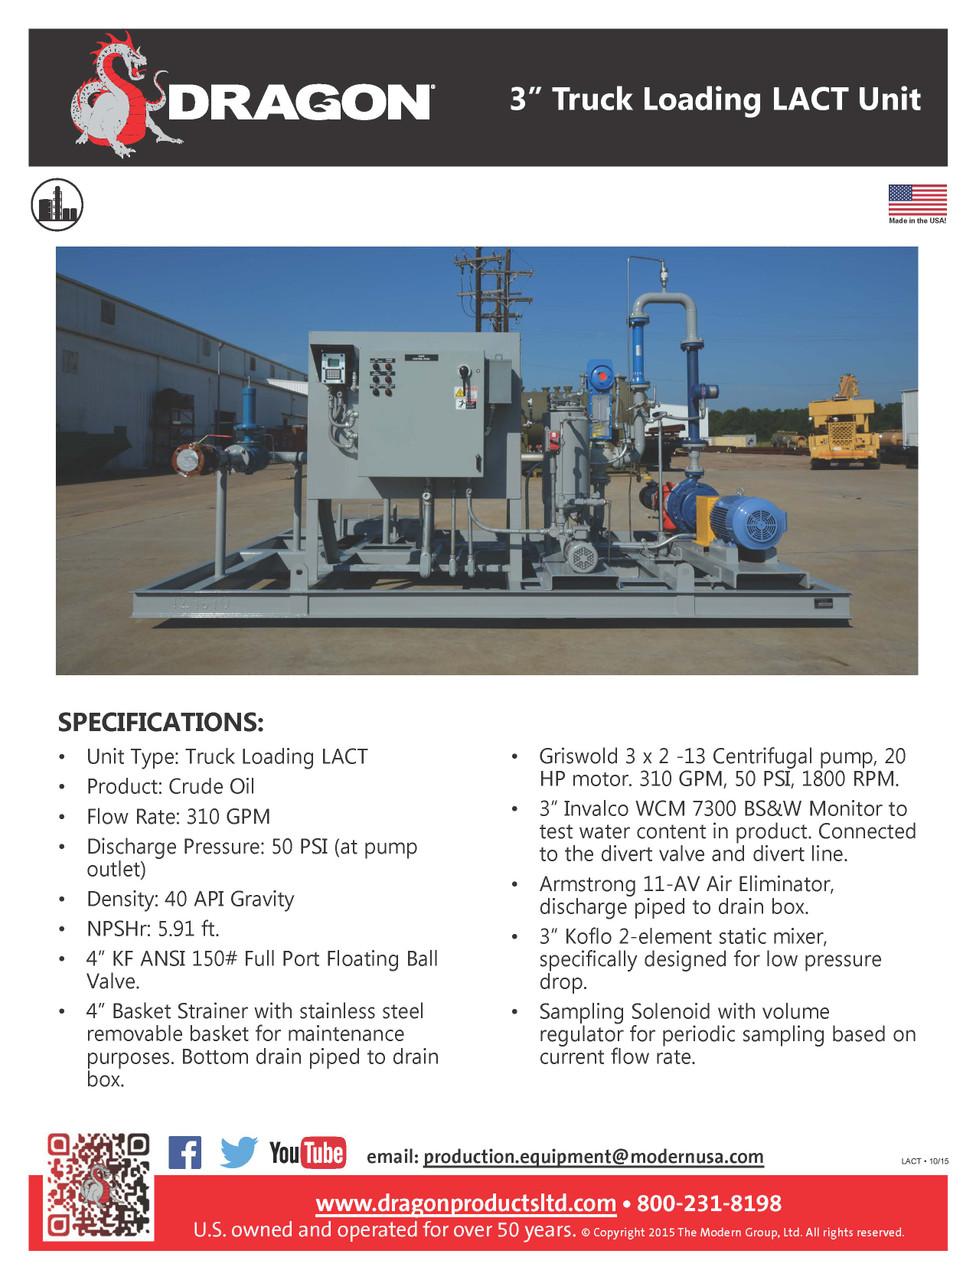 LACT Units